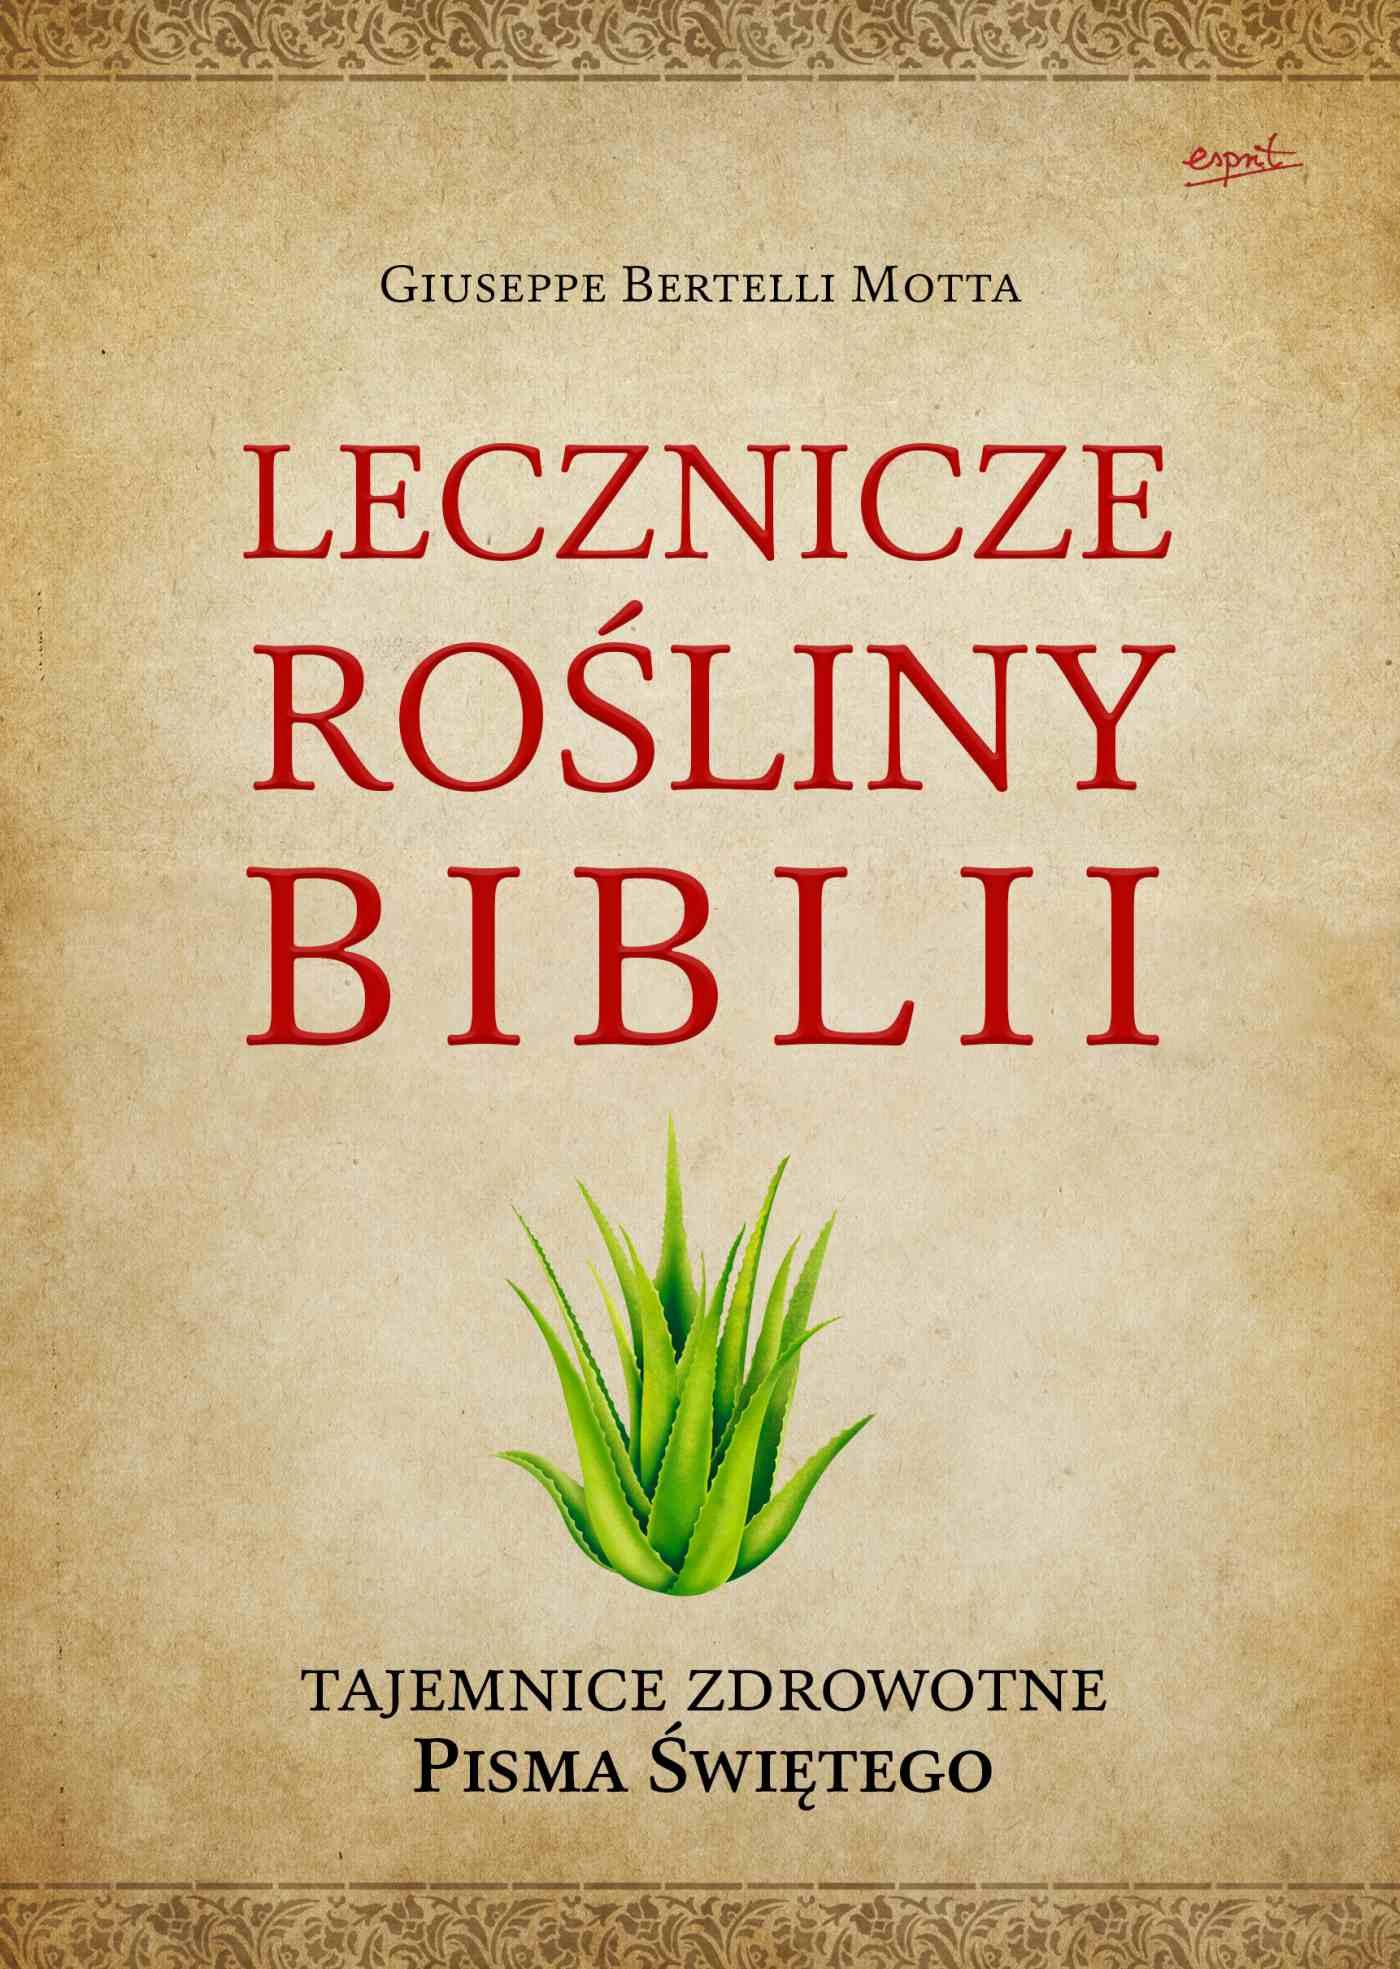 Lecznicze rośliny Biblii. Tajemnice zdrowotne Pisma Świętego - Ebook (Książka EPUB) do pobrania w formacie EPUB